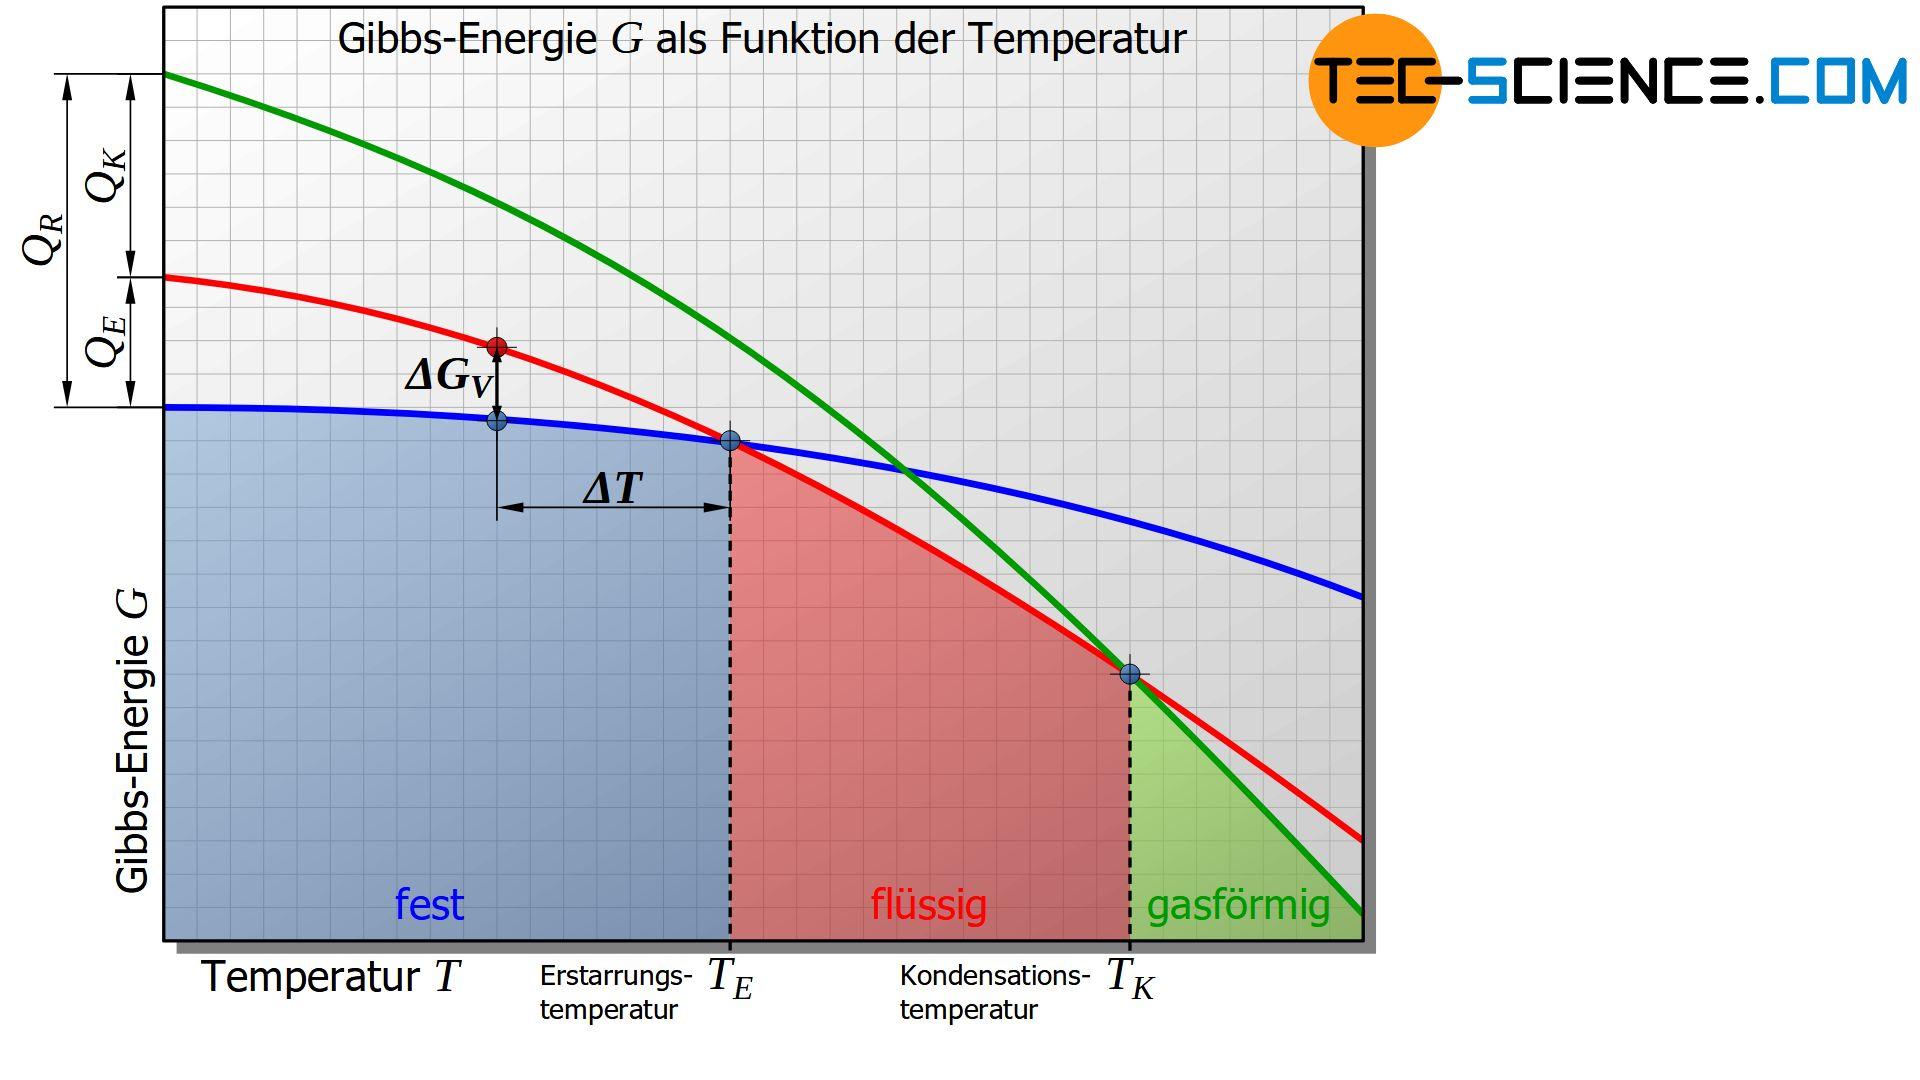 Gibbs-Energie als Funktion der Temperatur